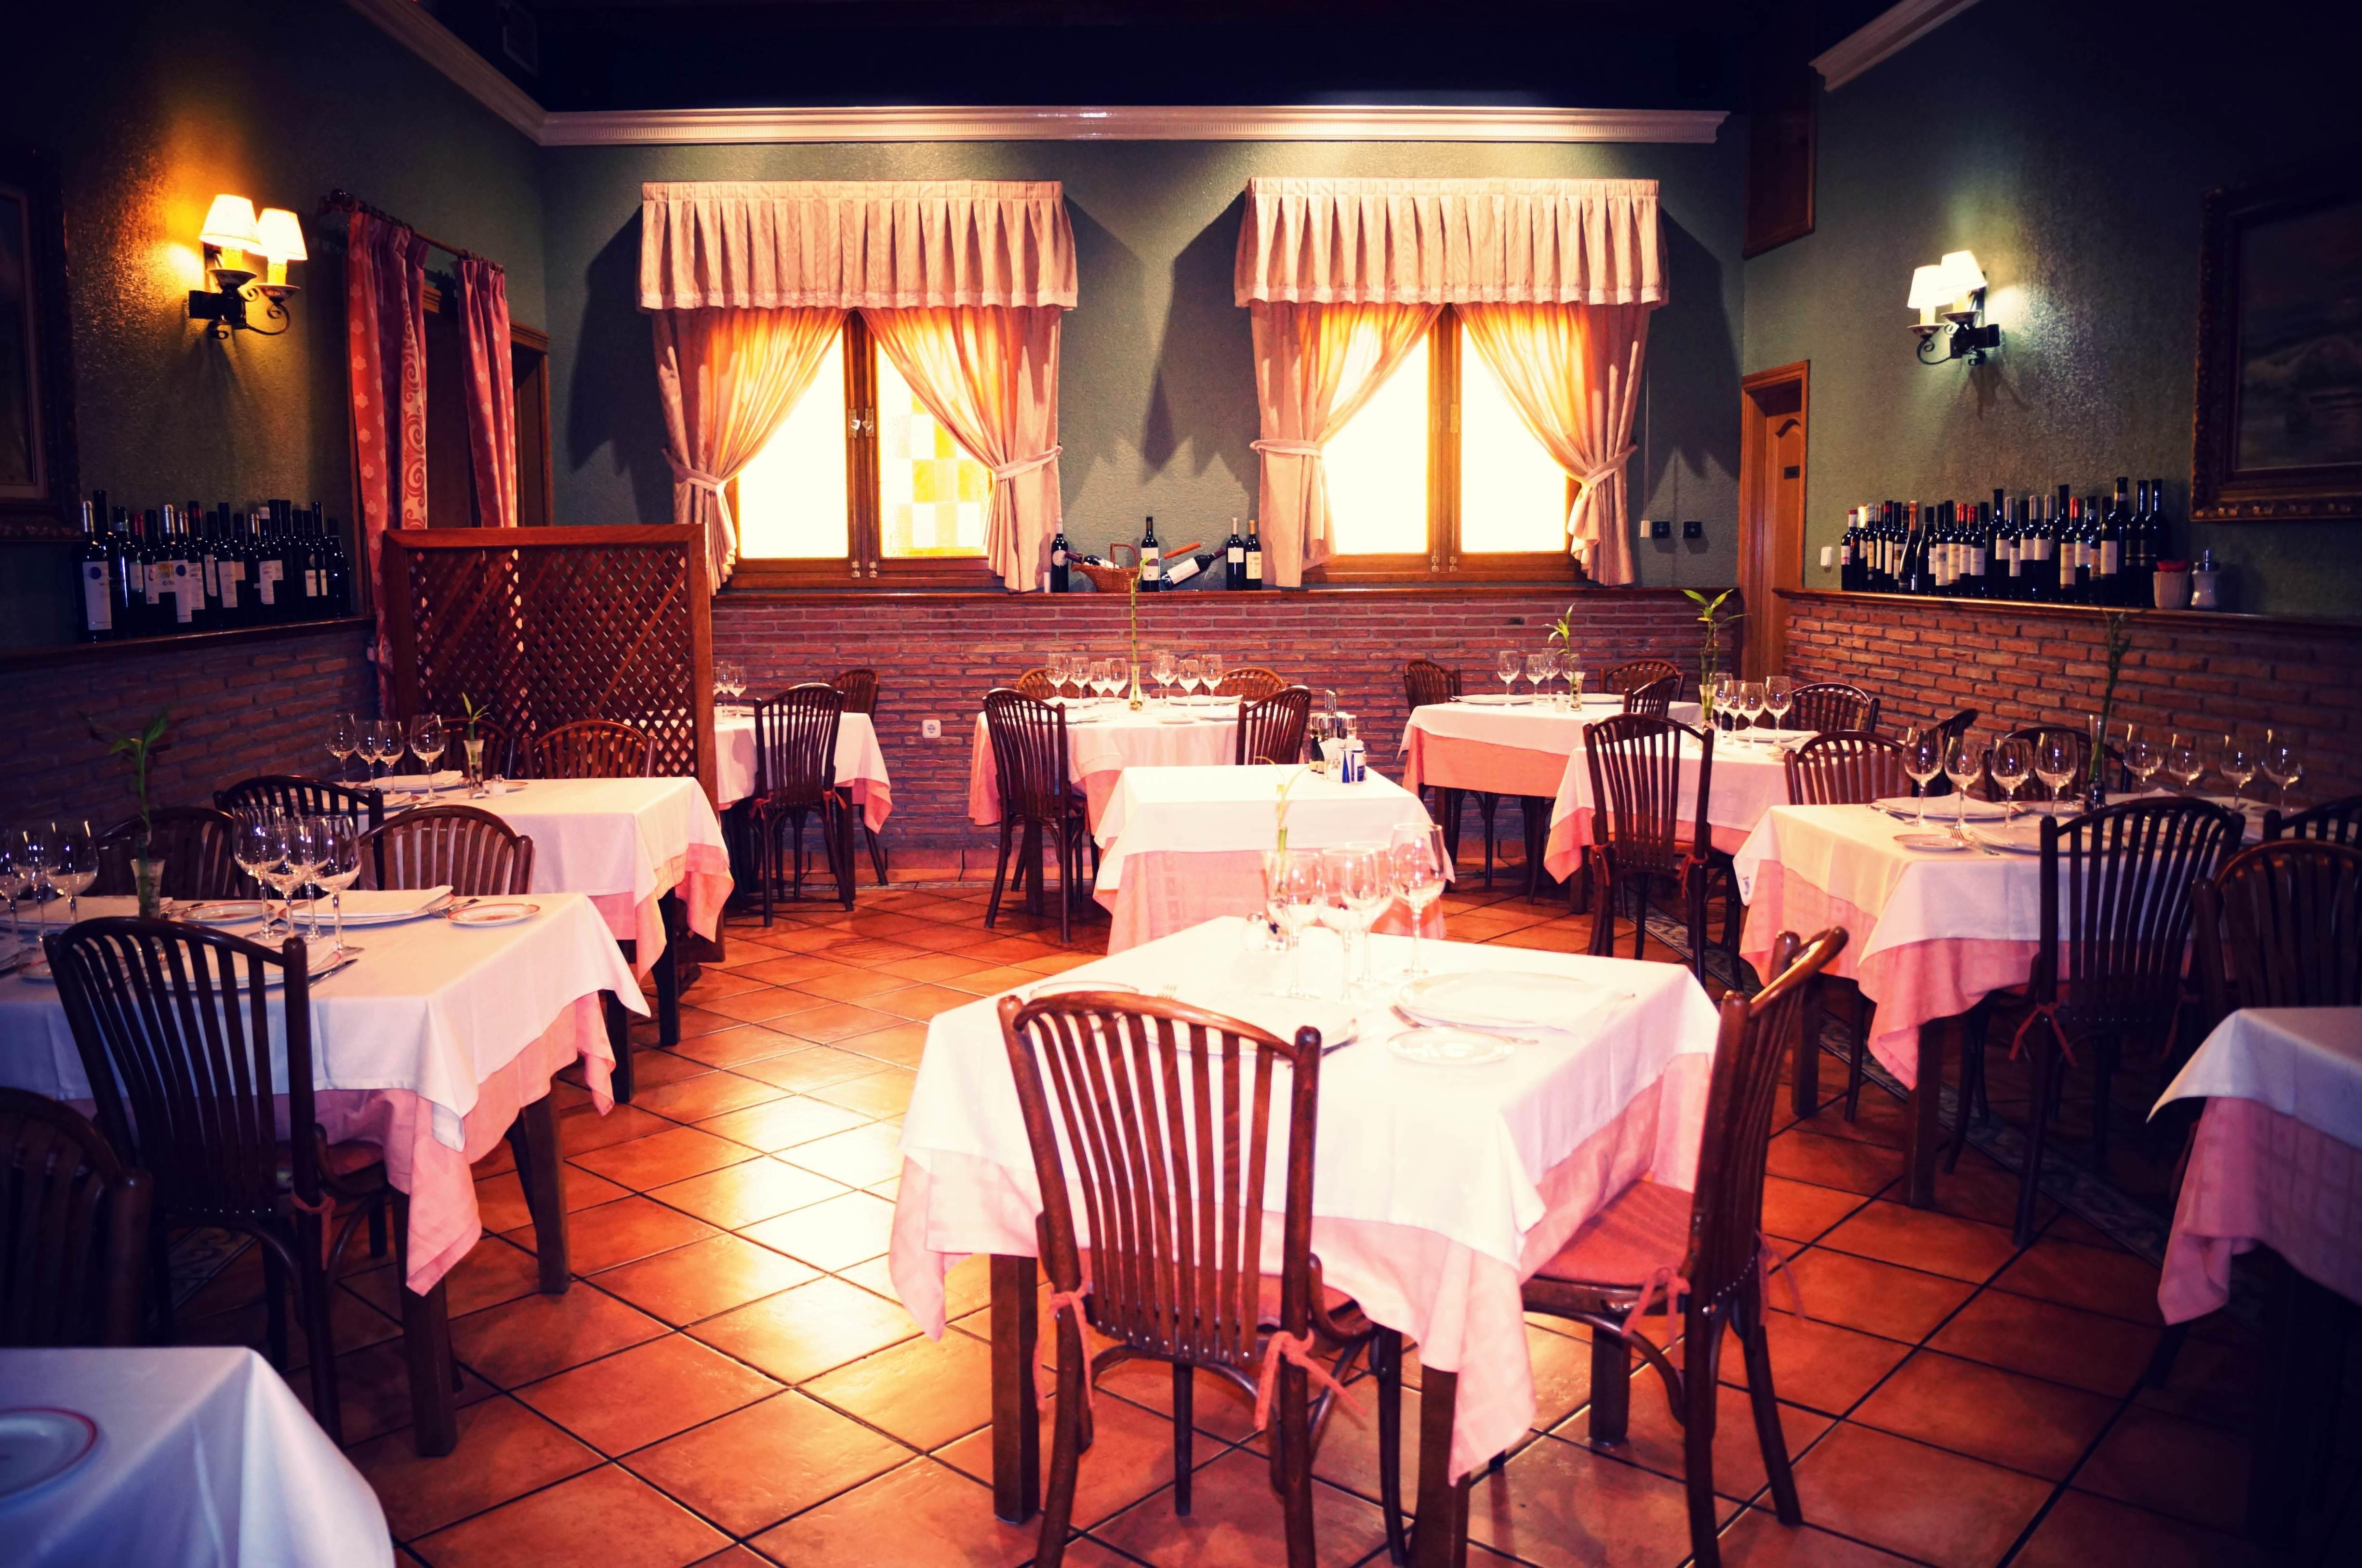 Foto 2 de Cocina mediterránea en Madrid | El Asador de Orgaz